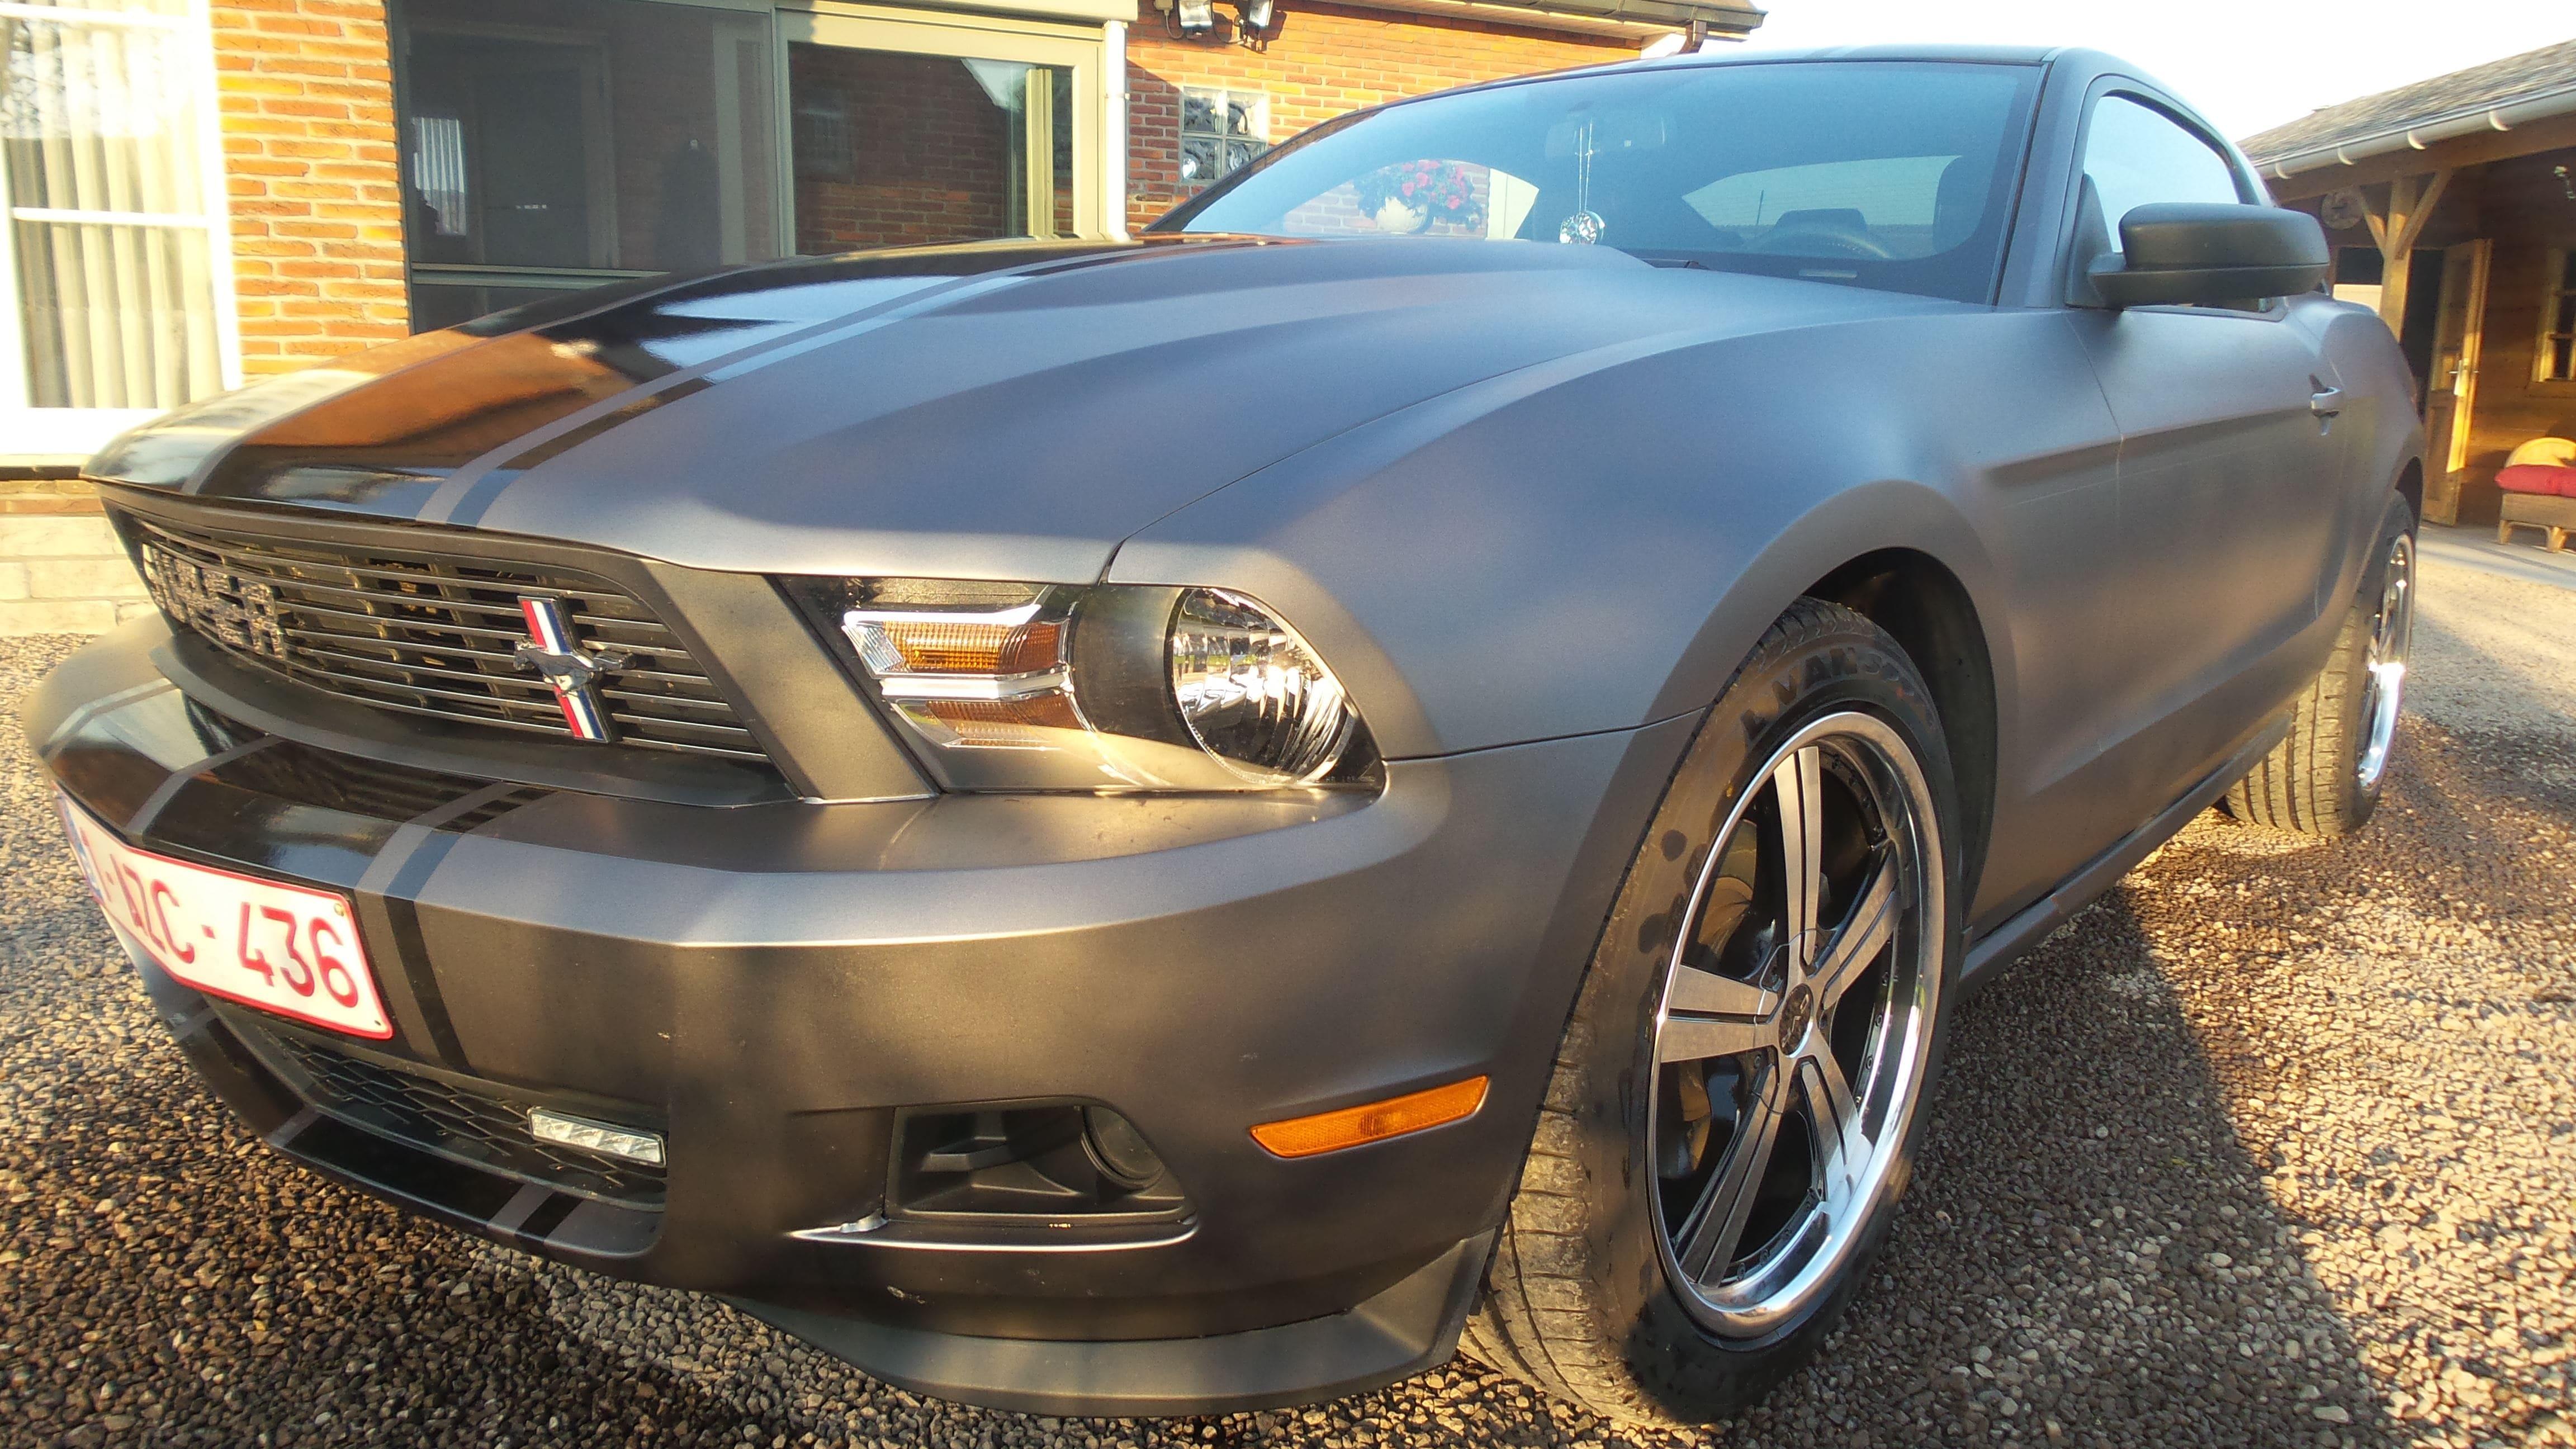 Ford Mustang 2009 met Gunpowder Wrap, Carwrapping door Wrapmyride.nu Foto-nr:5808, ©2020